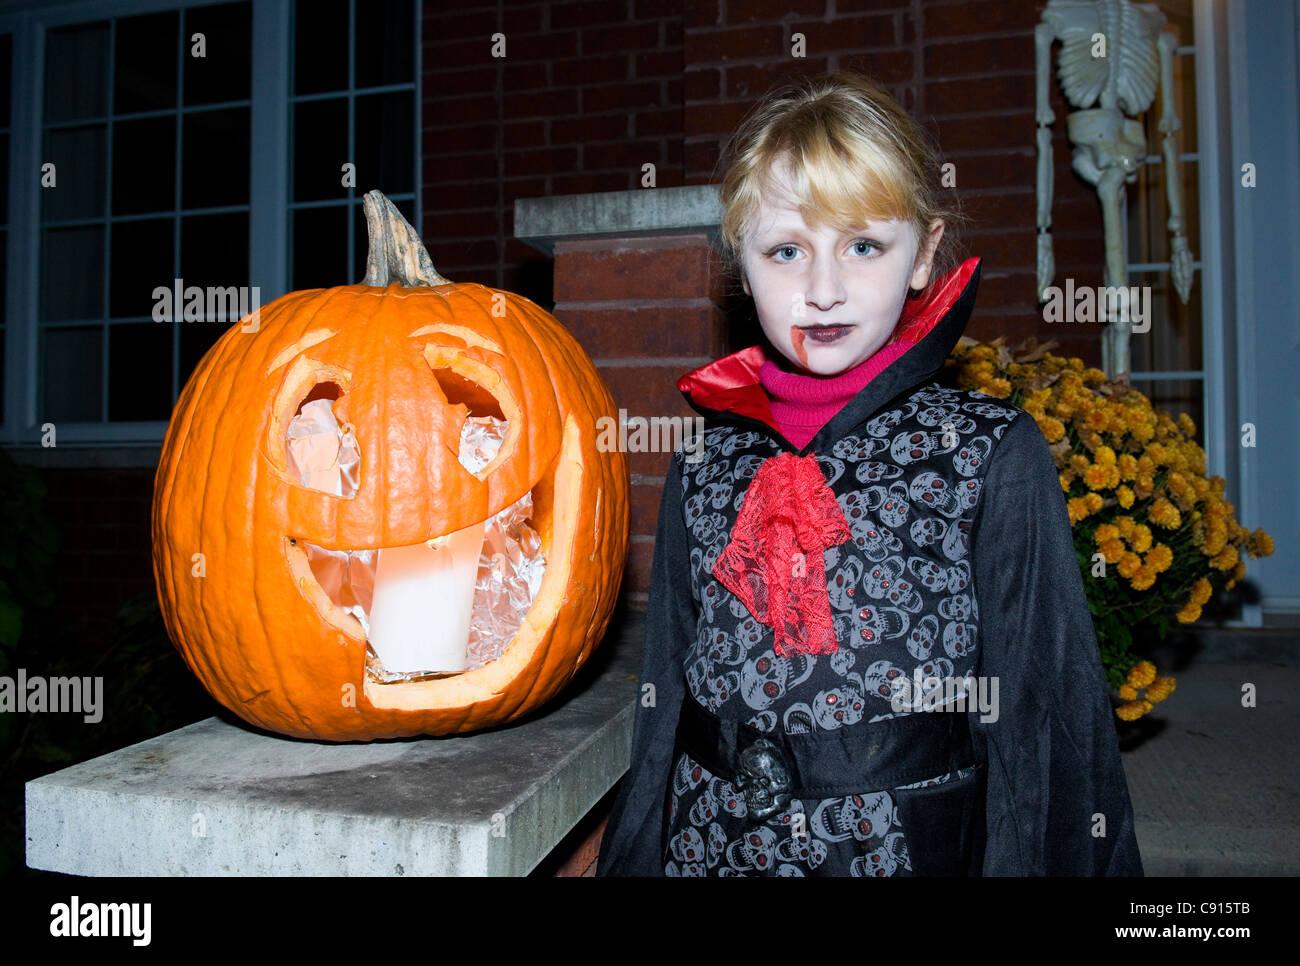 Chica con calabaza en Halloween tiempo de Montreal, Canadá Imagen De Stock